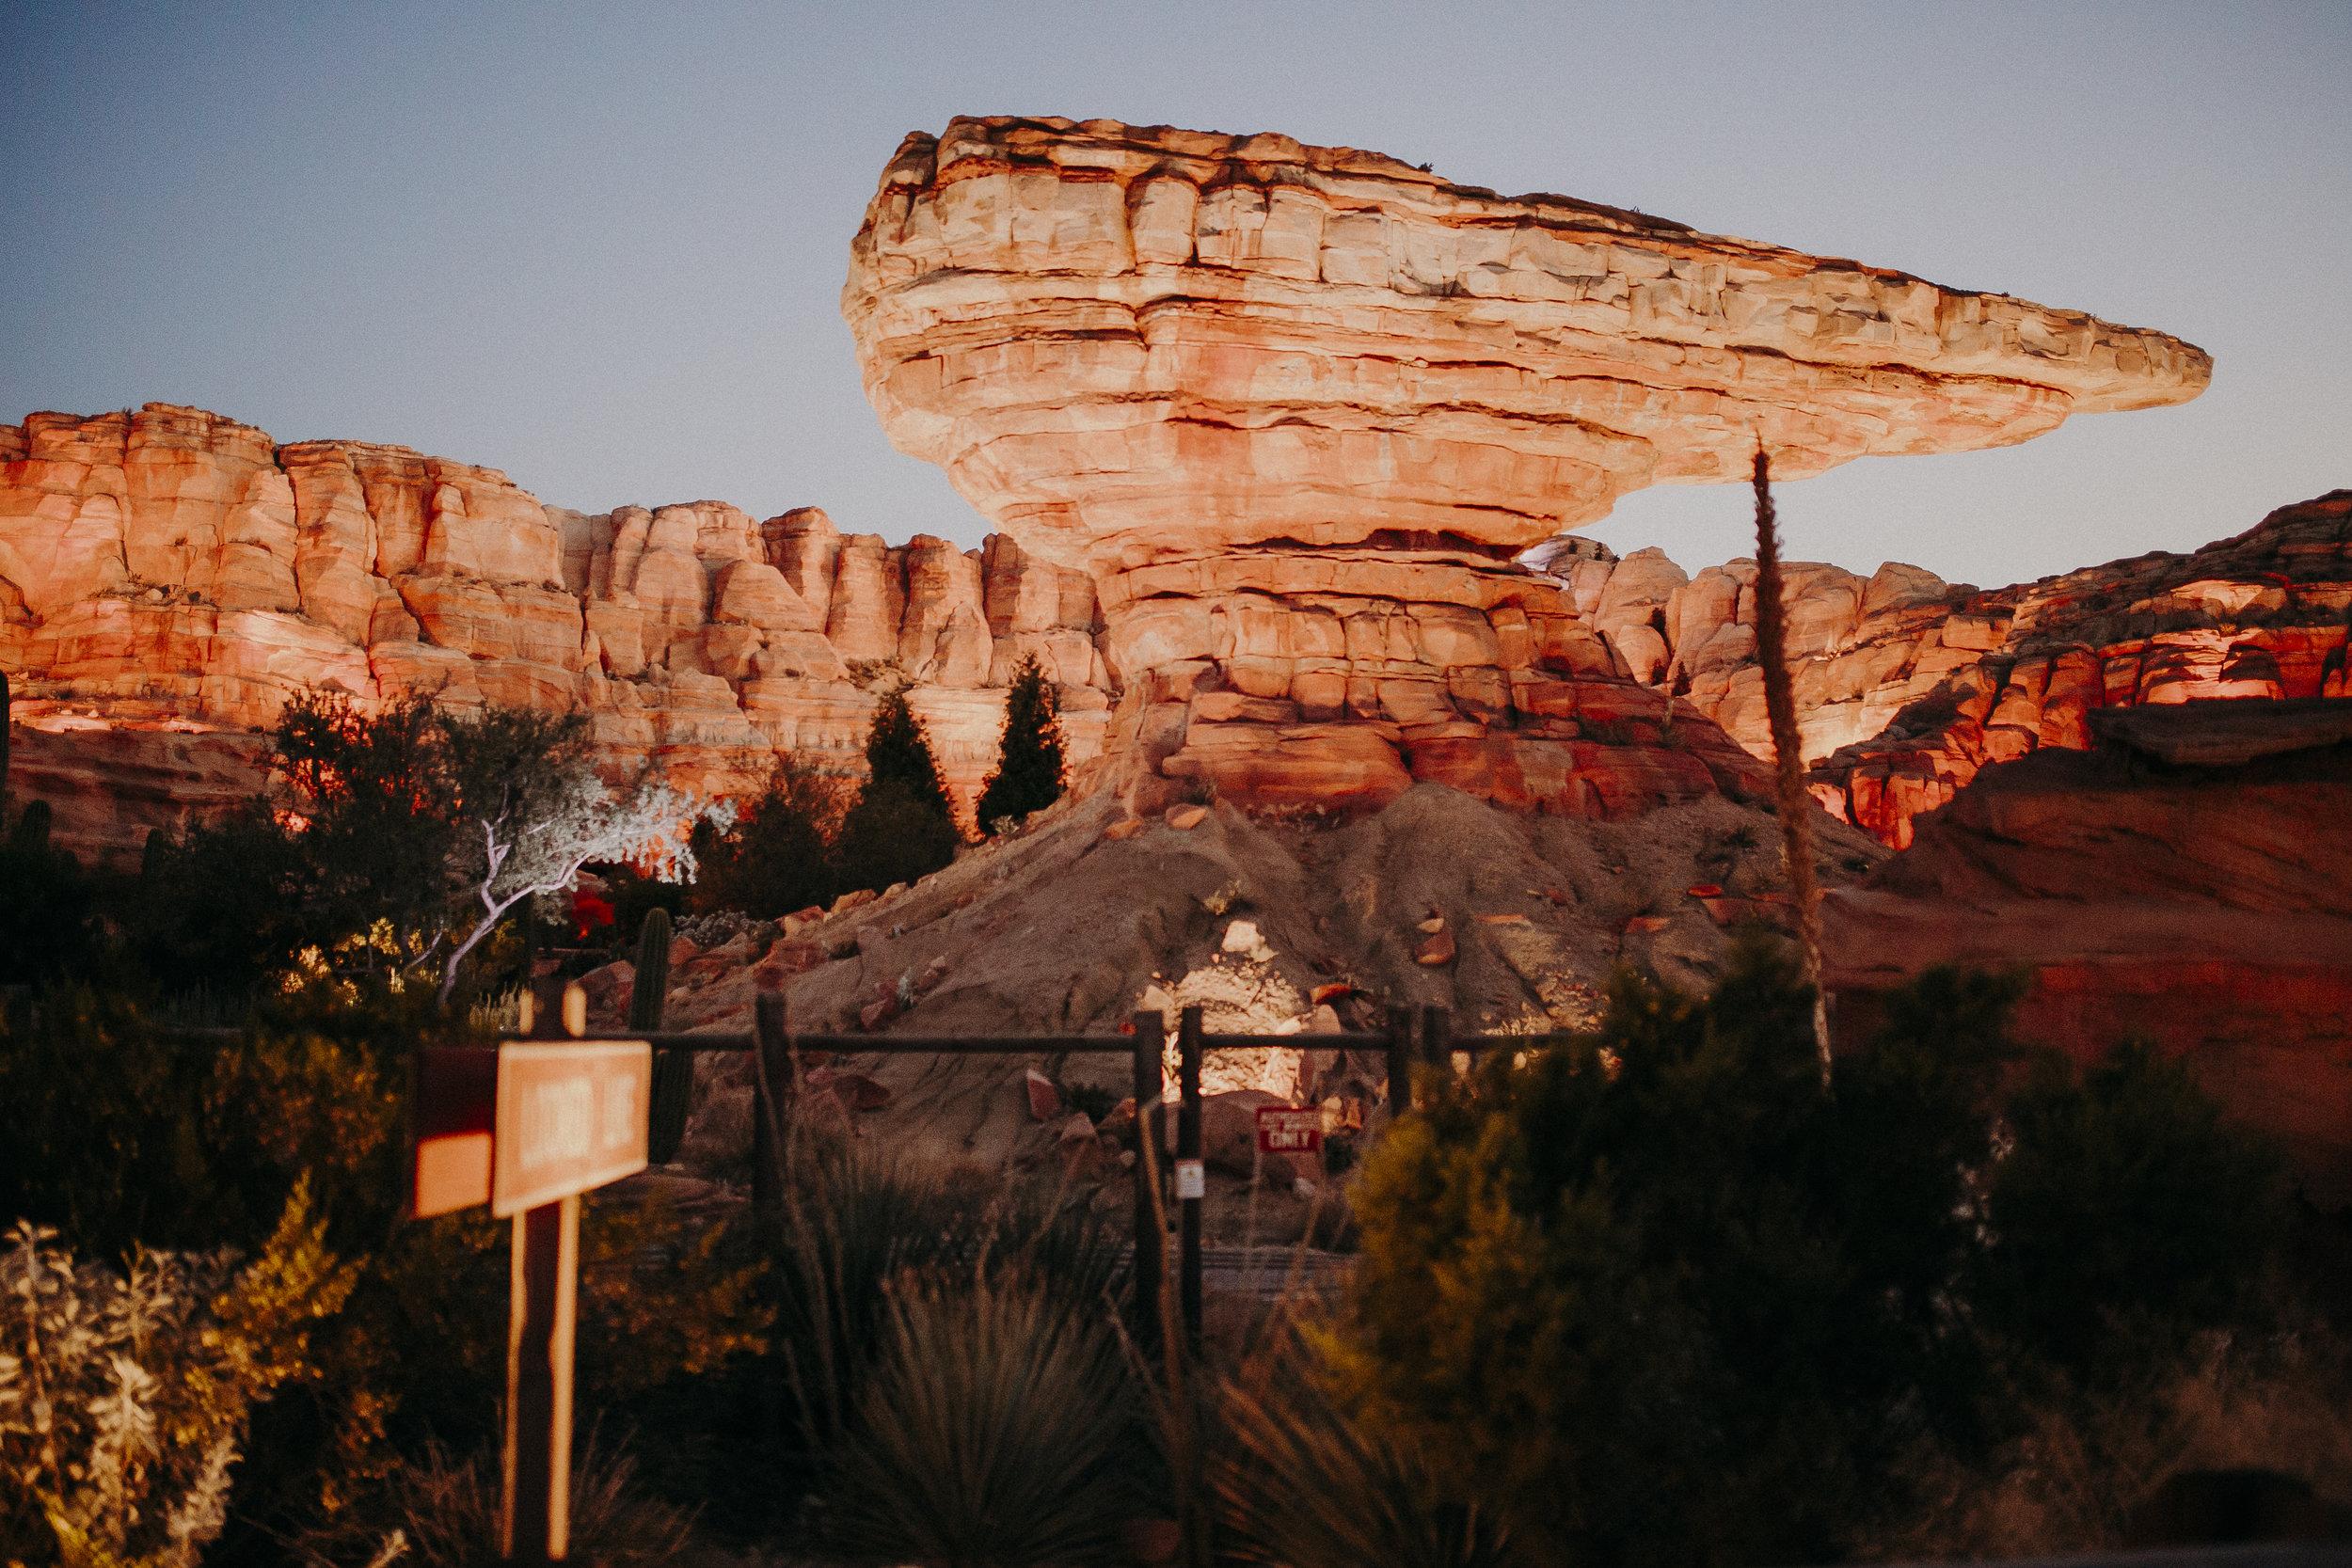 Disneys-California-Adventure-Pictures-23.jpg